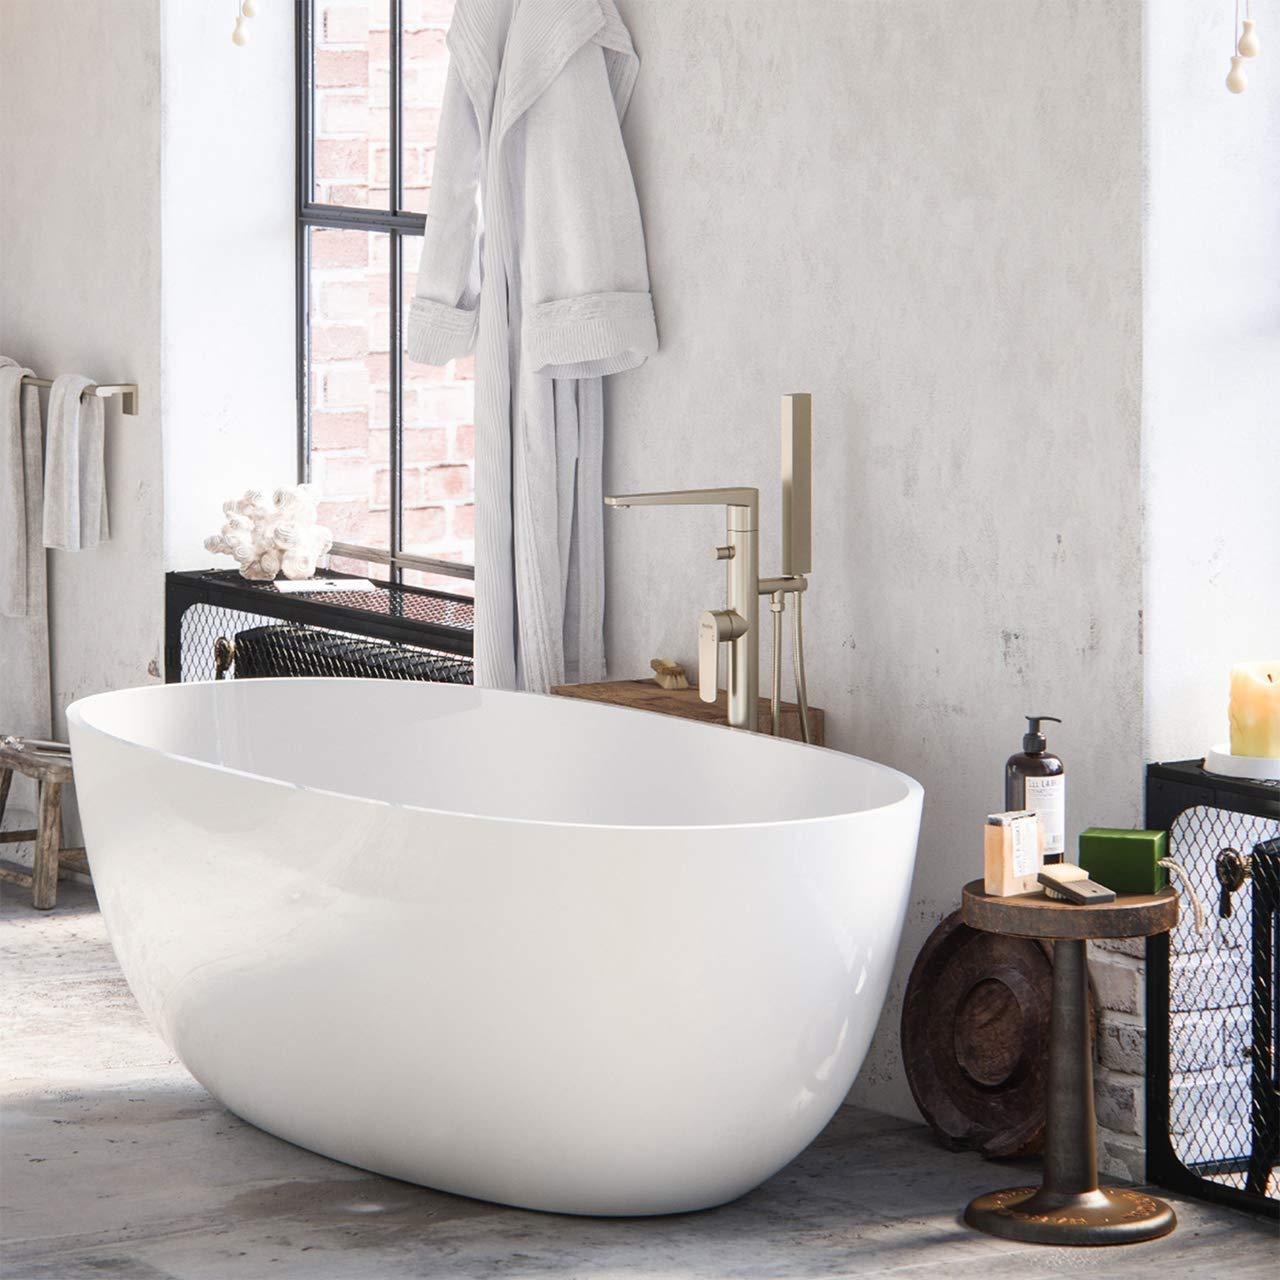 5.Maykke Barnet 61″ Modern Oval Acrylic Bathtub